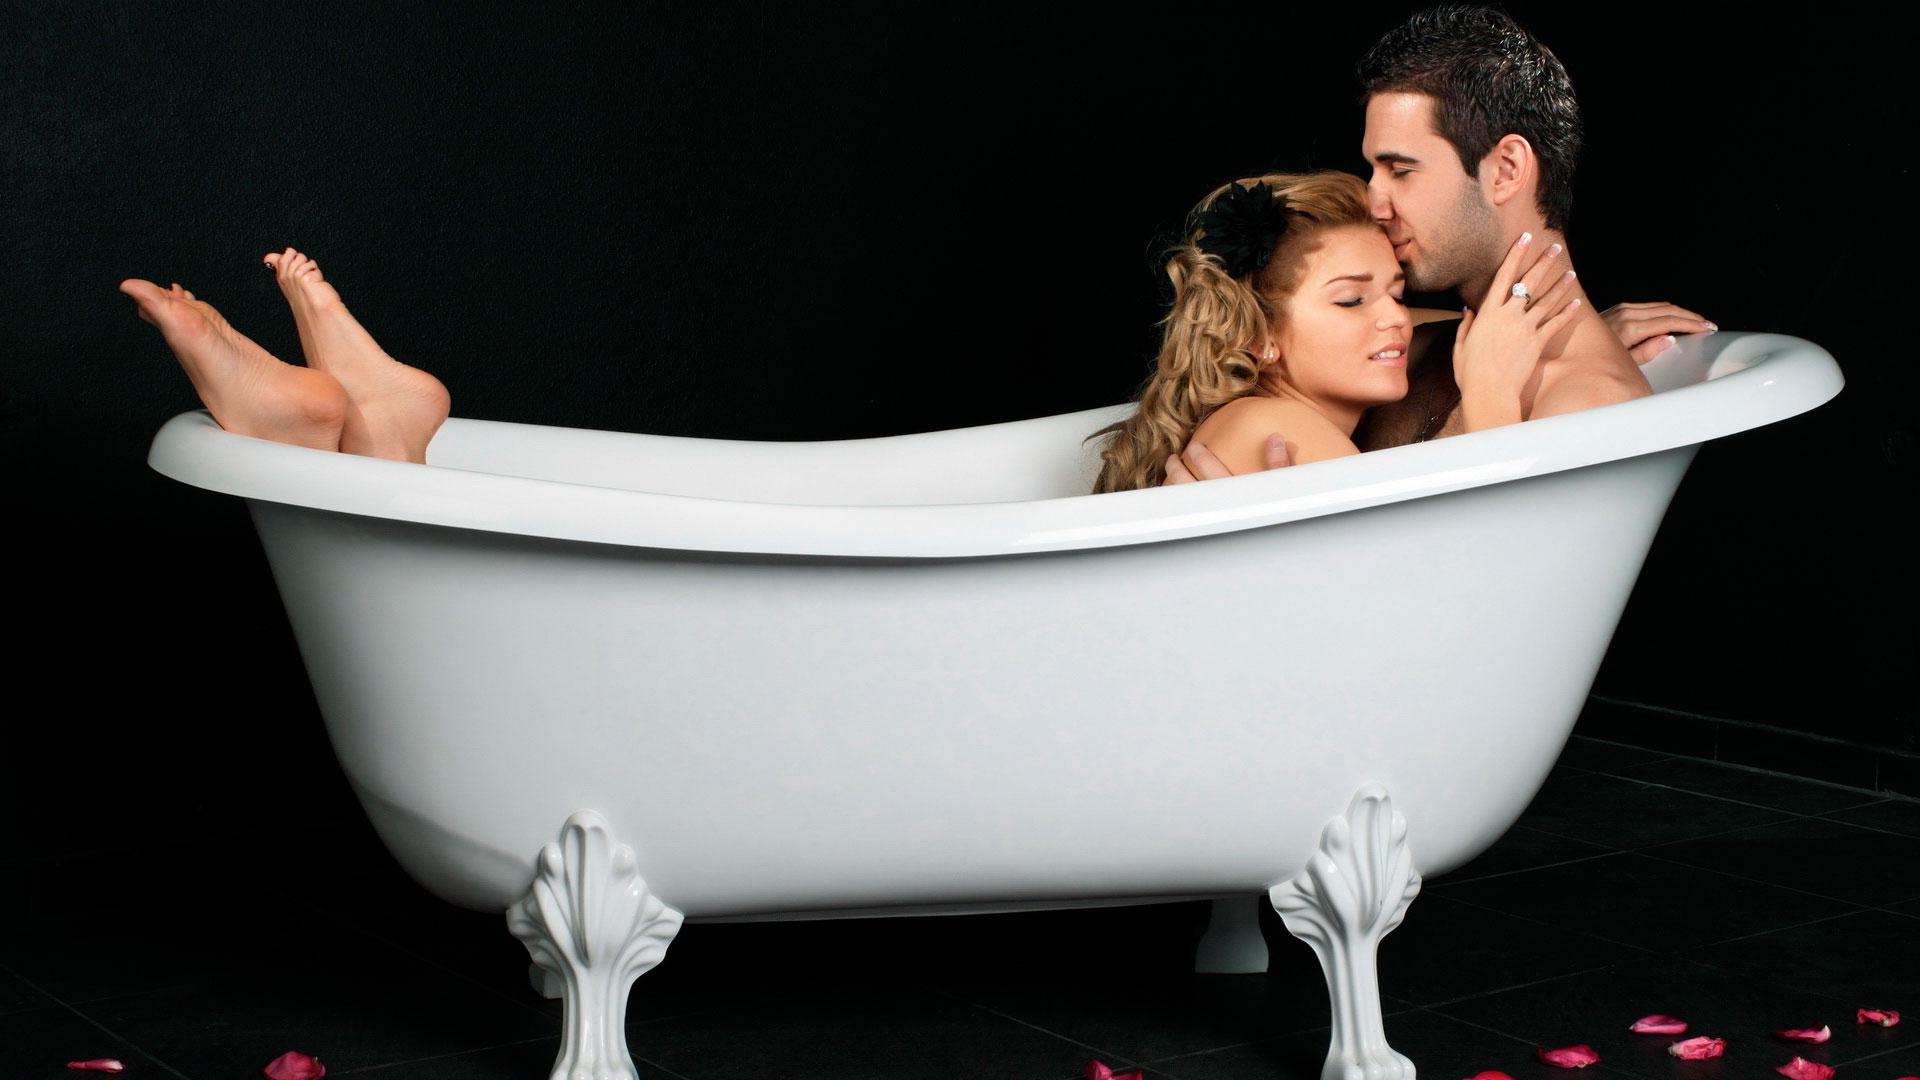 Принимают ванну вместе 10 фотография